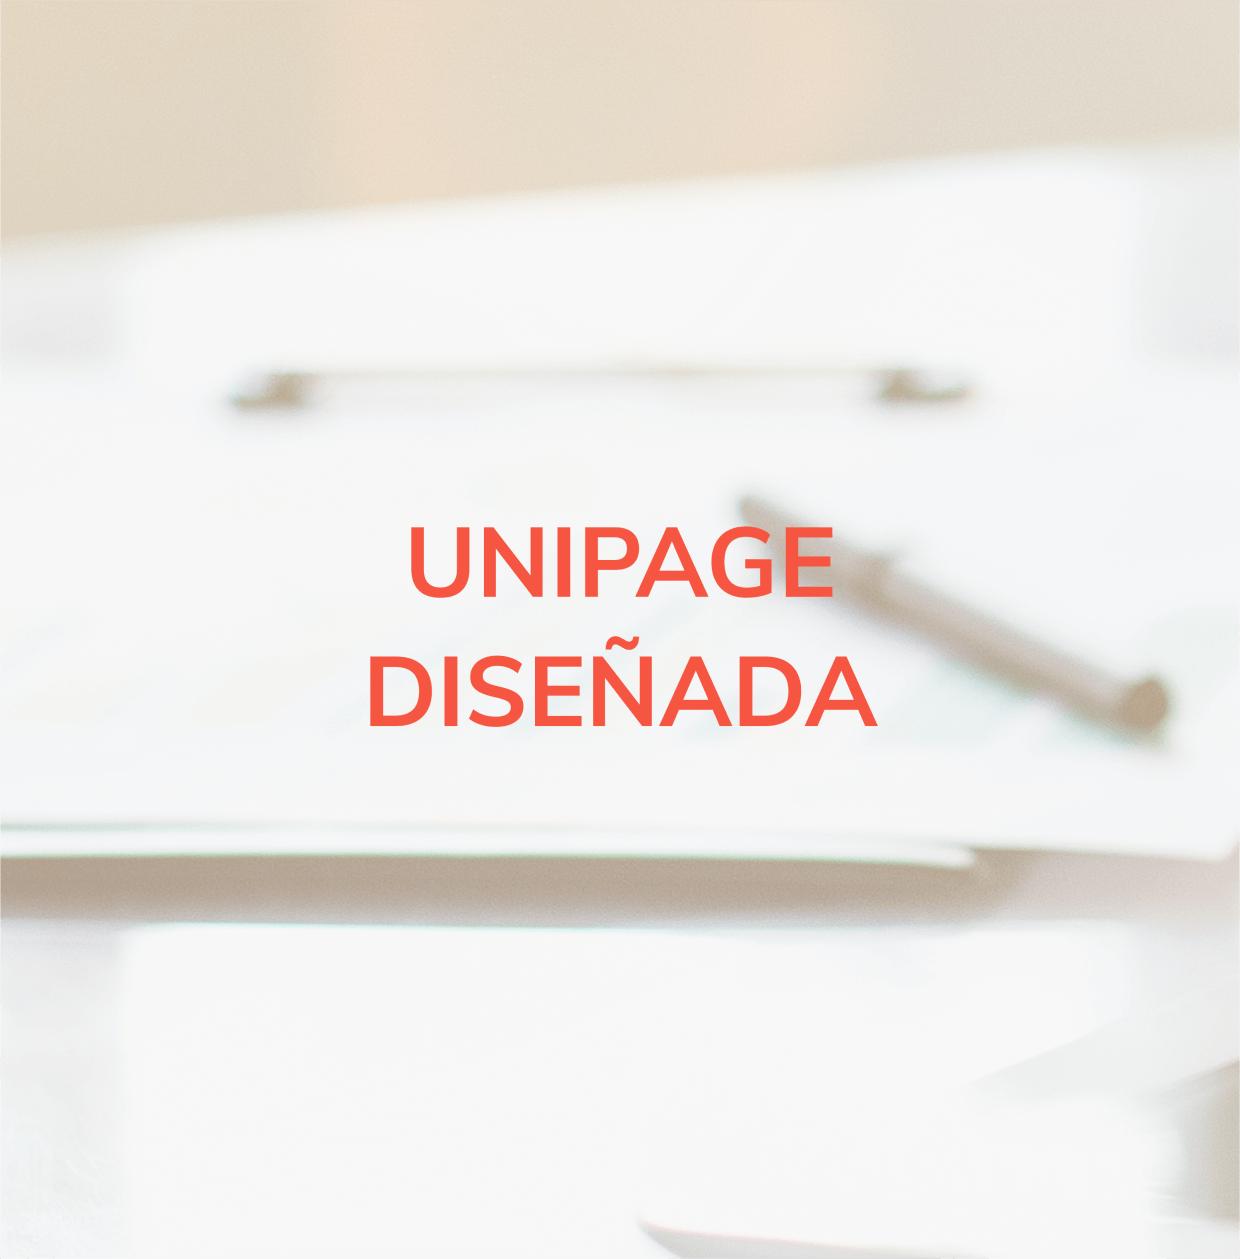 Diseño de página web tipo Unipage